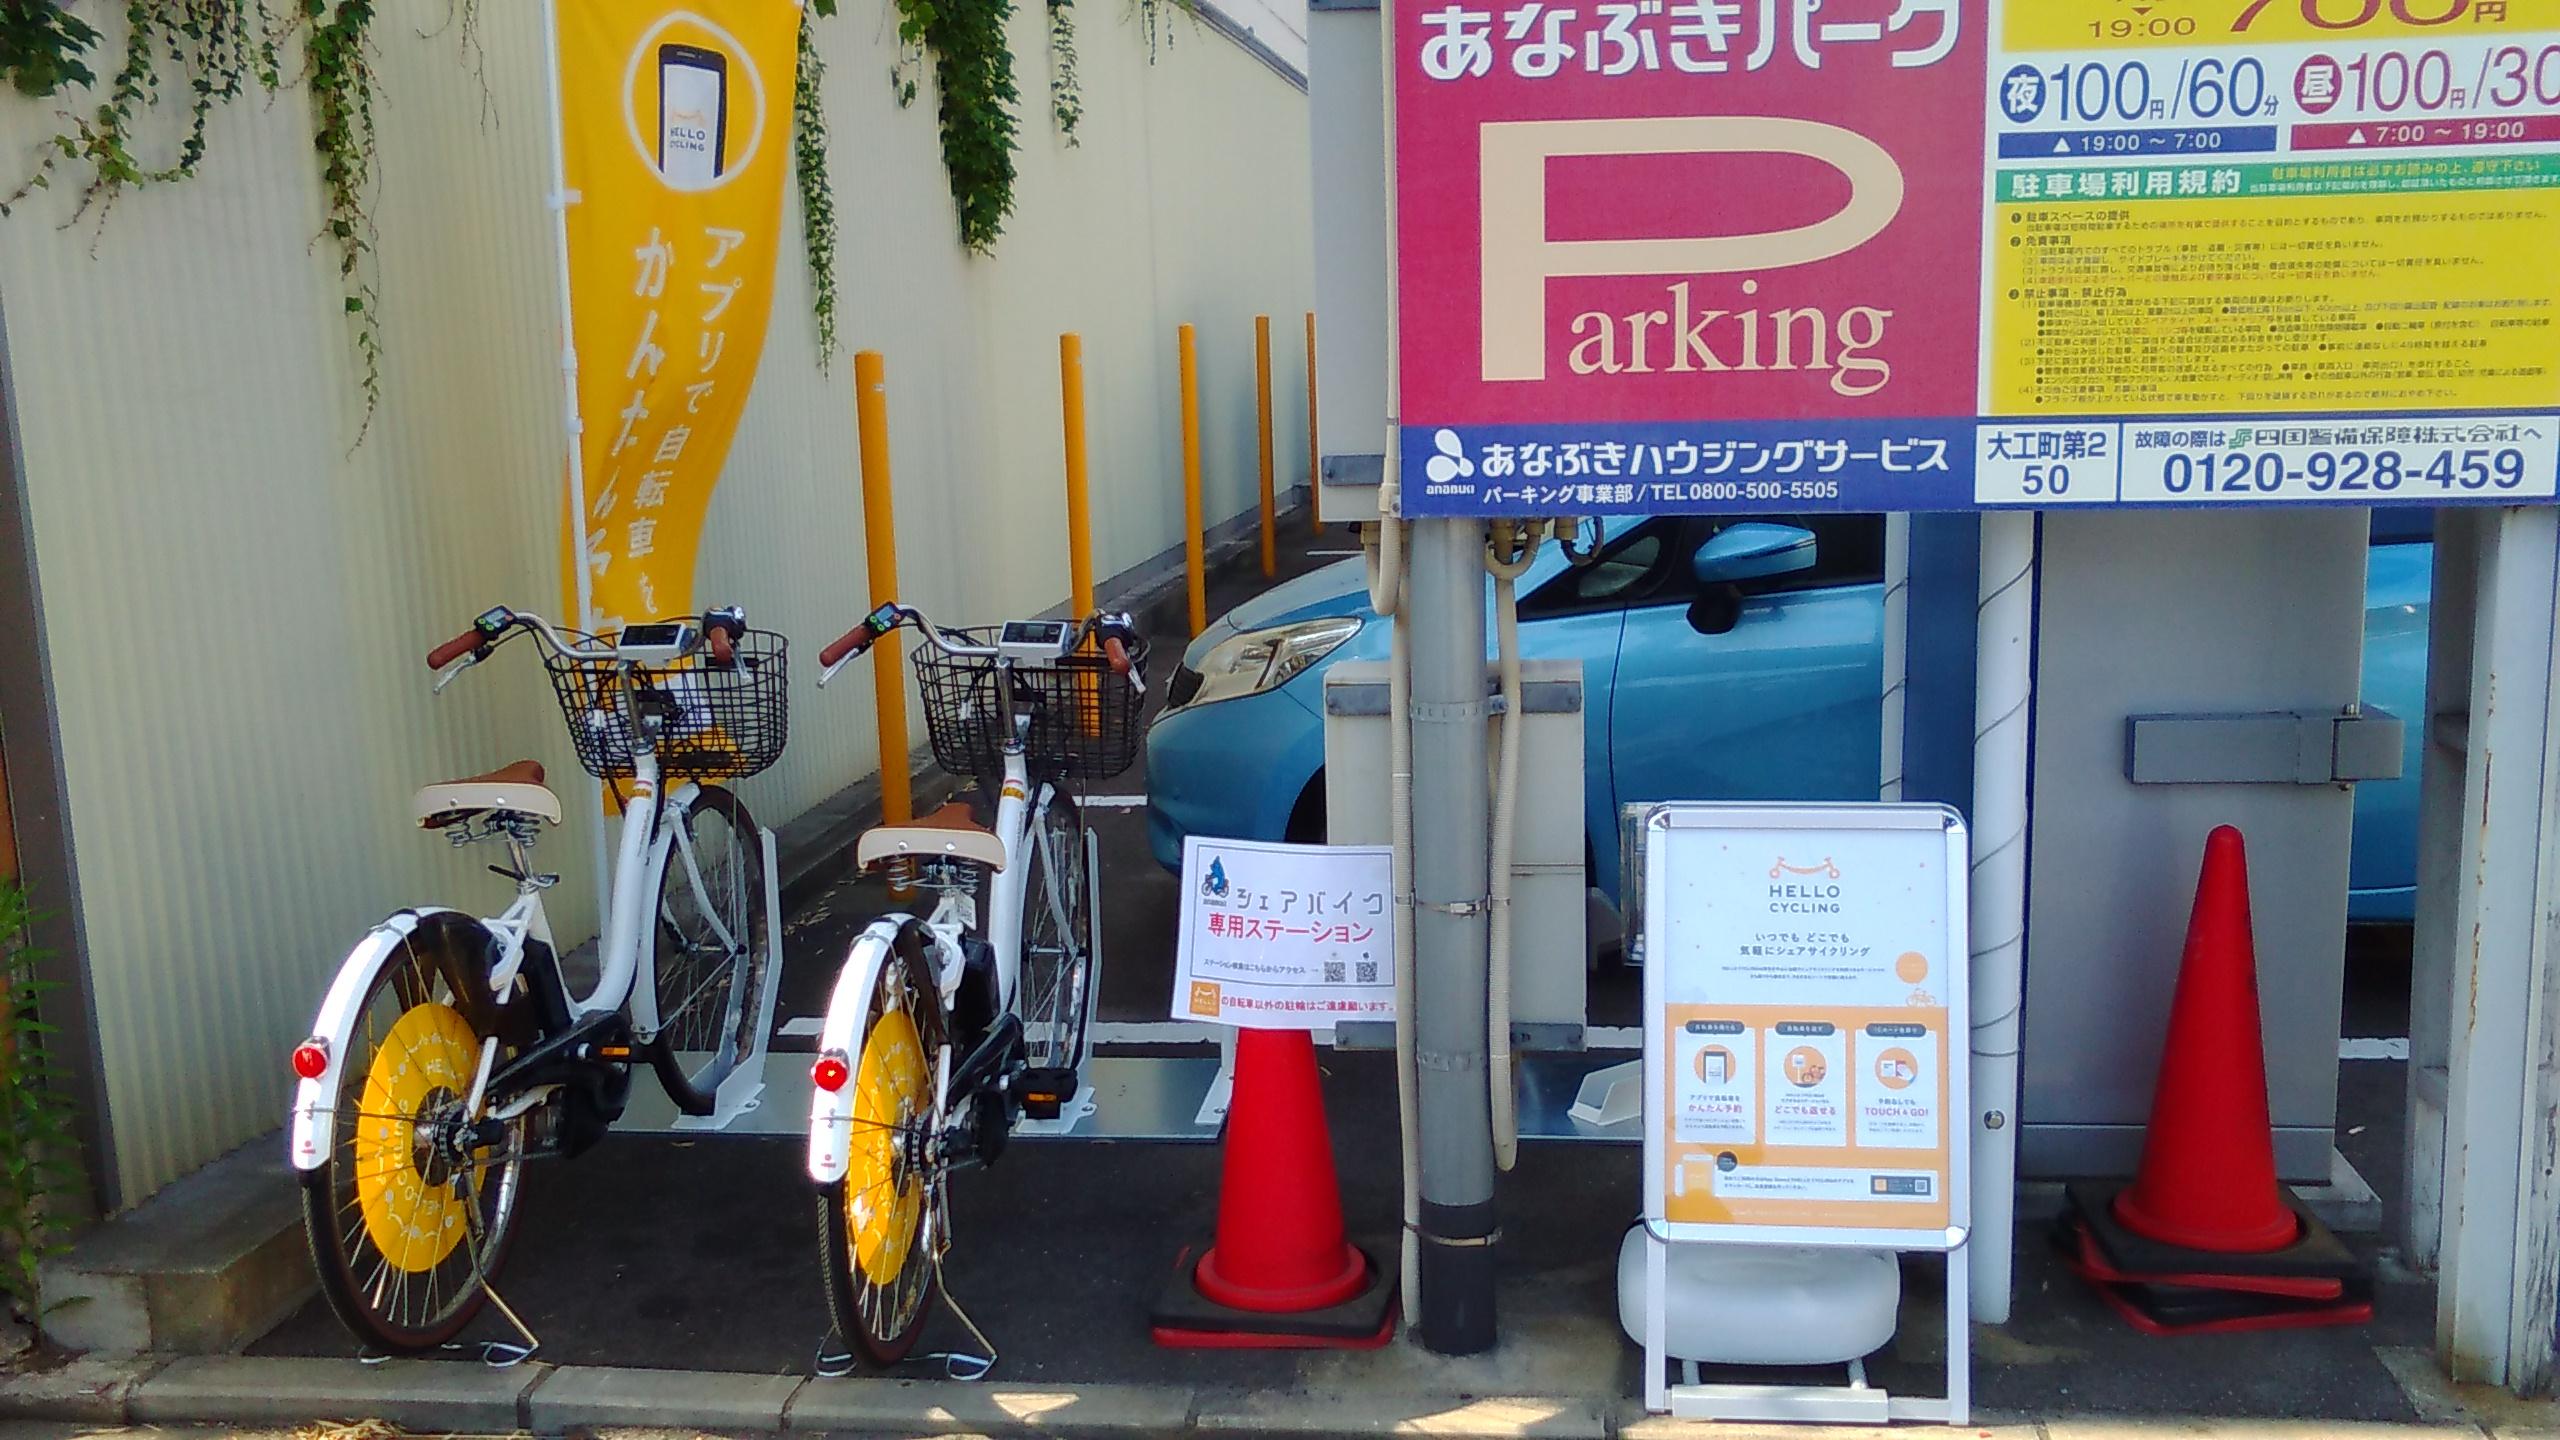 あなぶき大工町第2パーキング (HELLO CYCLING ポート) image